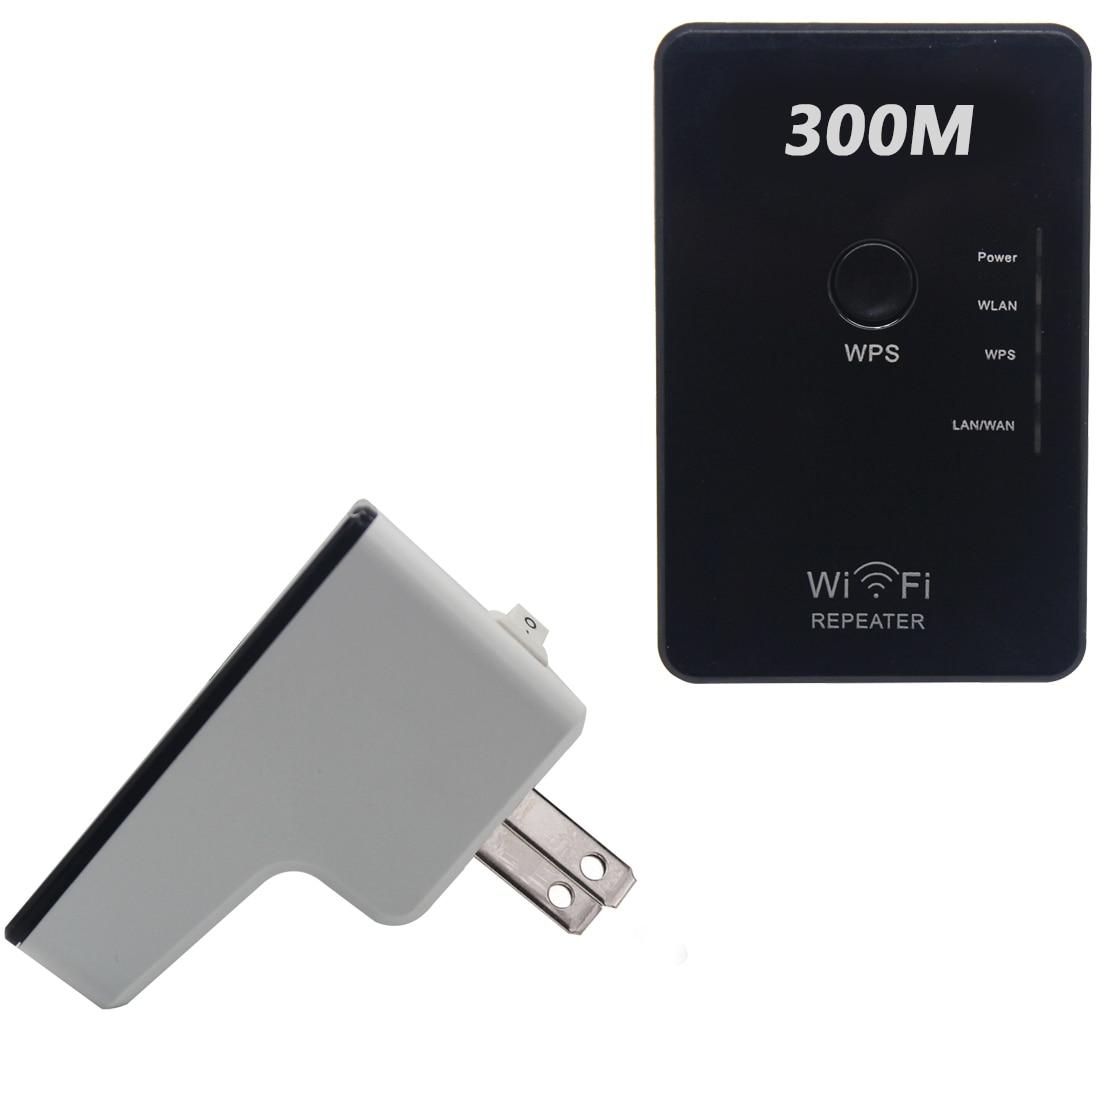 NOYOKERE alta calidad 802.11N Wifi repetidor inalámbrico-N AP extensor de rango 300Mbps amplificador de señal WLAN US